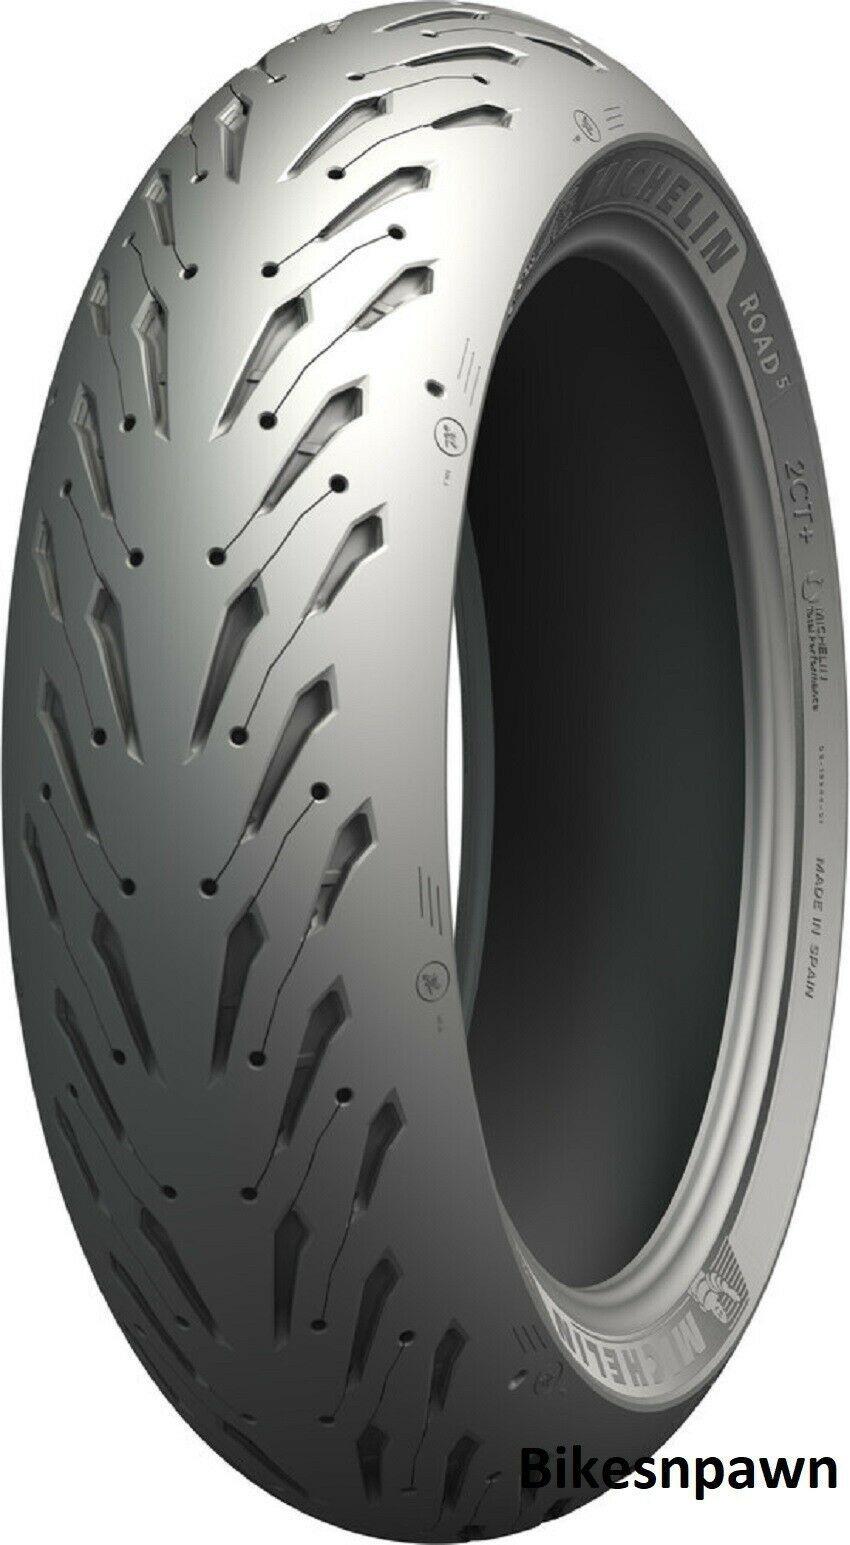 New Michelin Pilot Road 5 GT 170/60ZR17 Rear Radial Motorcycle Tire 72W 12022